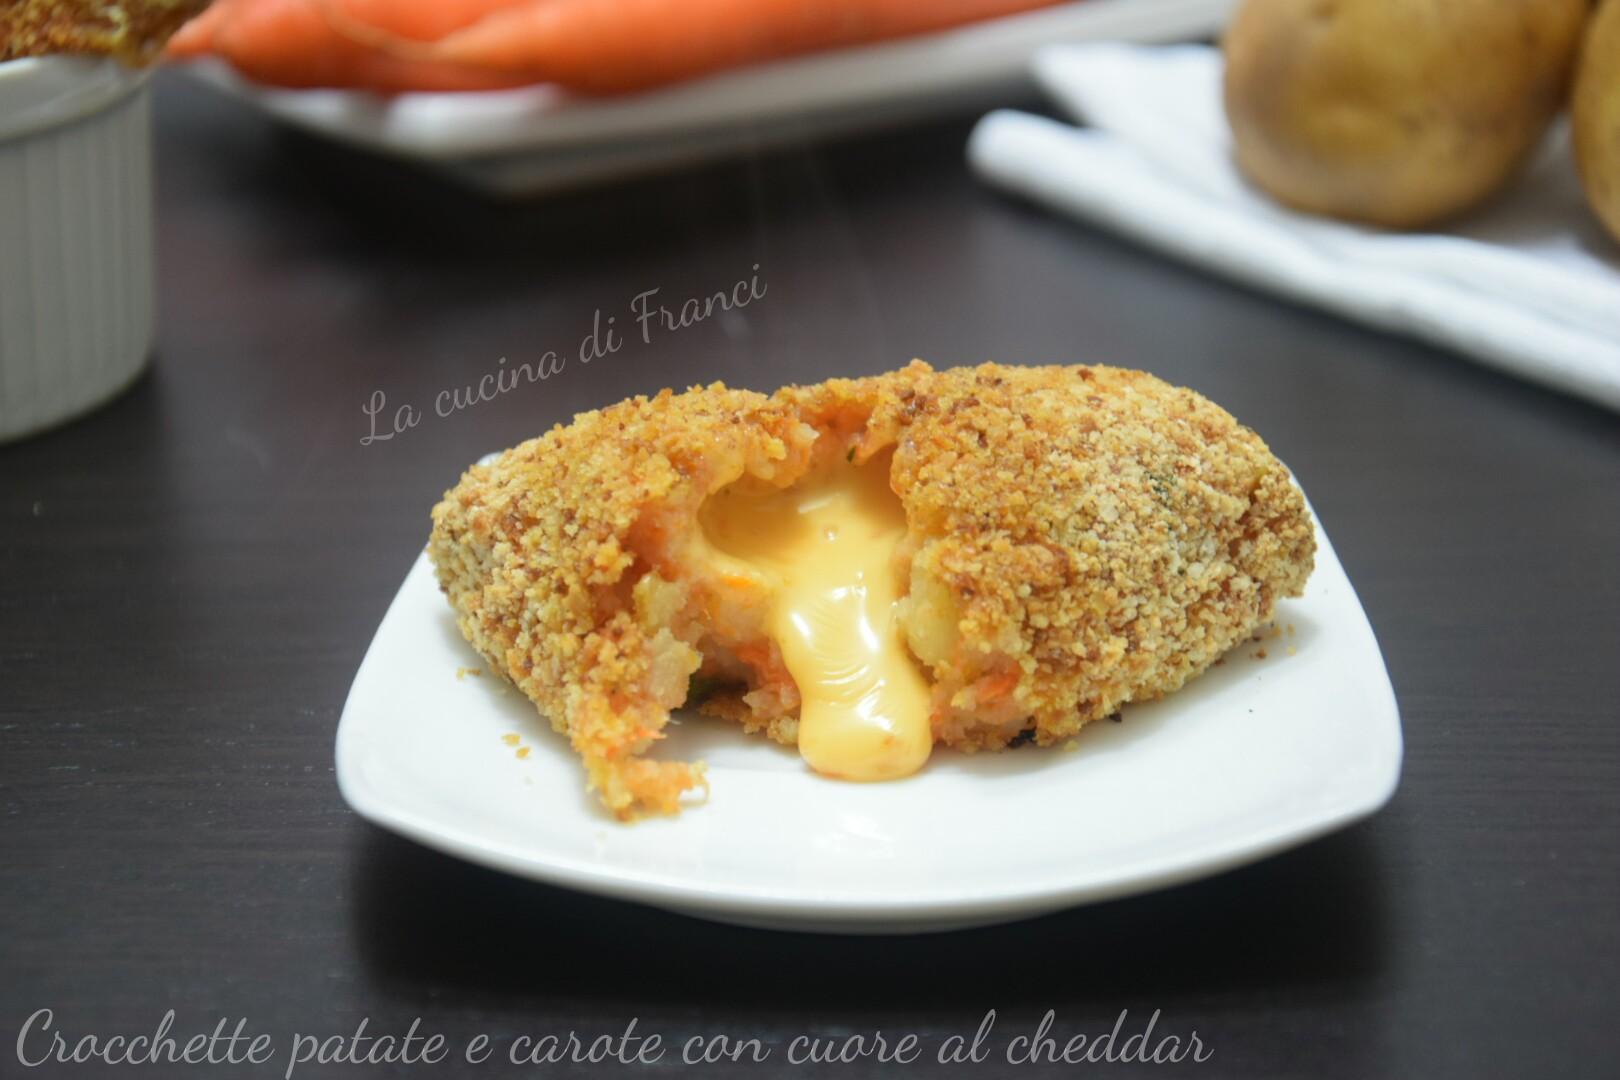 Crocchette patate e carote filanti 3